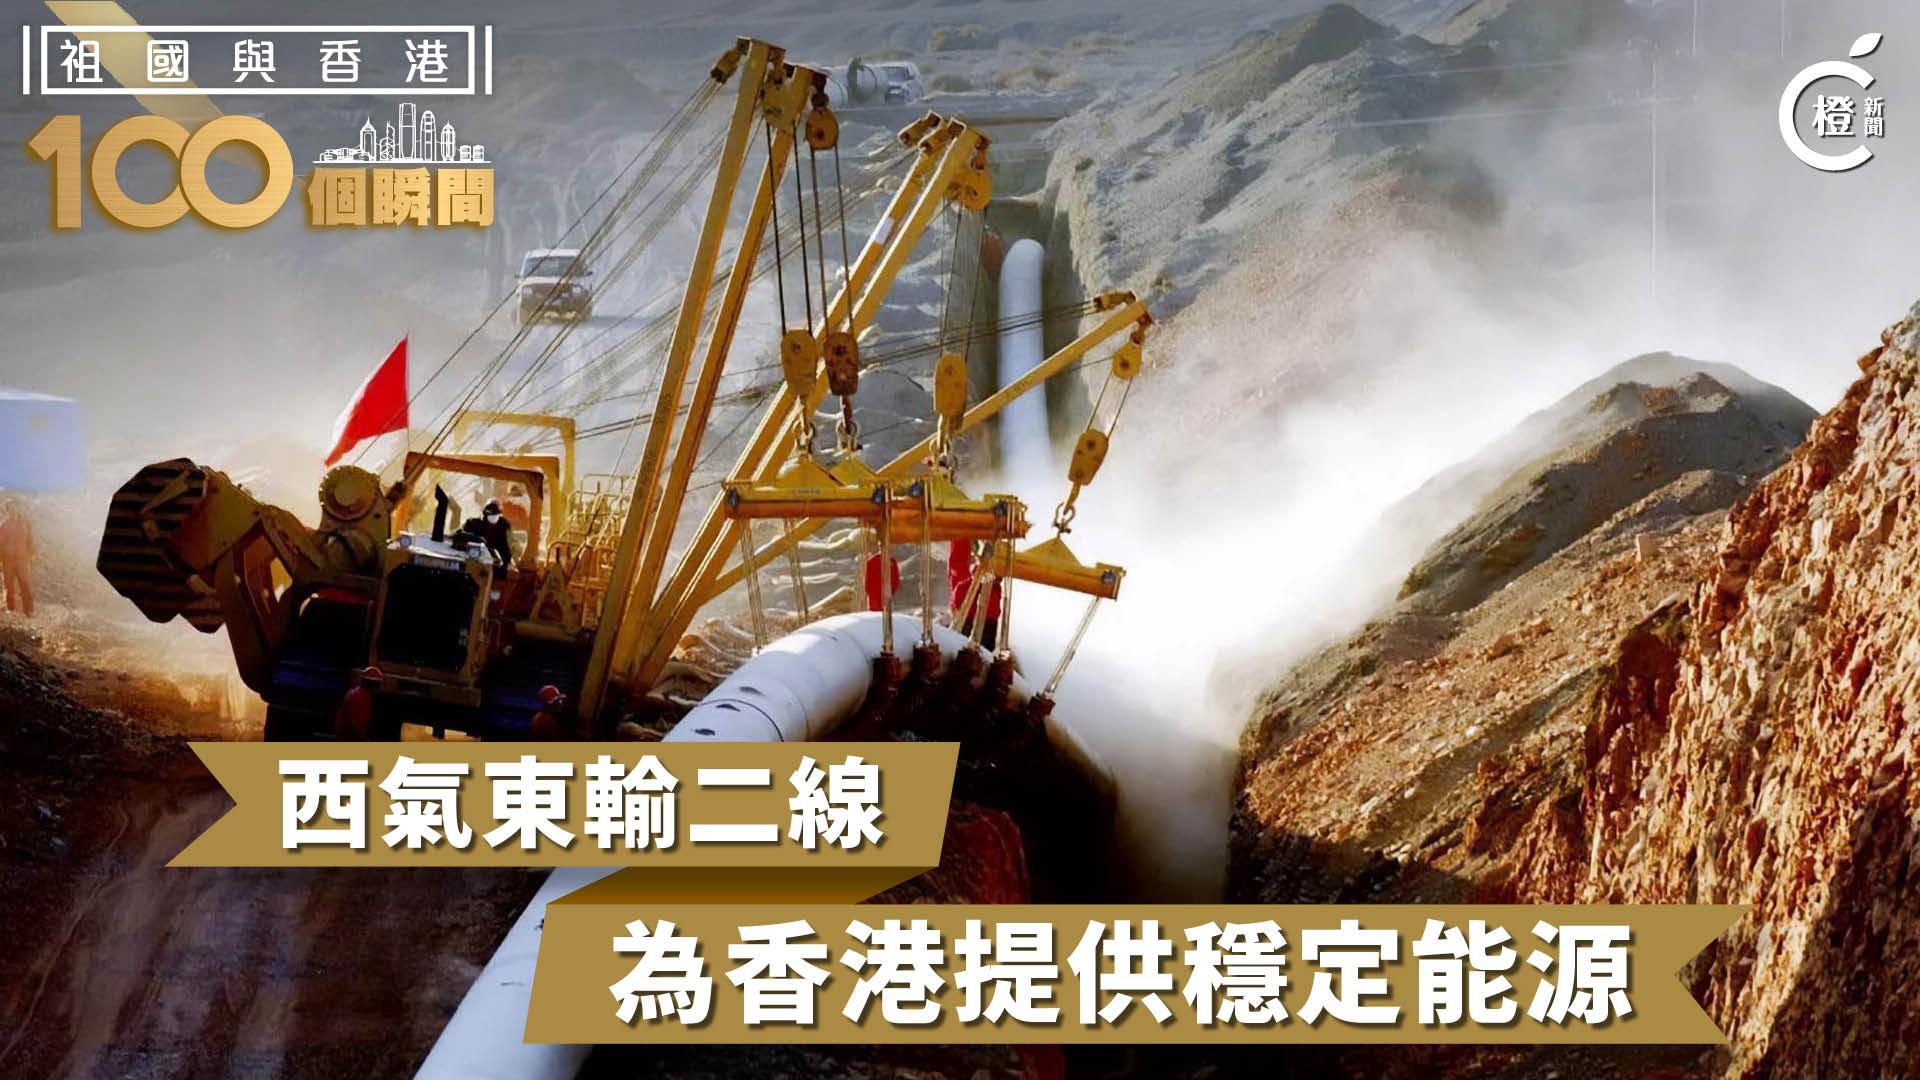 【祖國與香港100個瞬間】西氣東輸二線連接香港 長期提供穩定能源